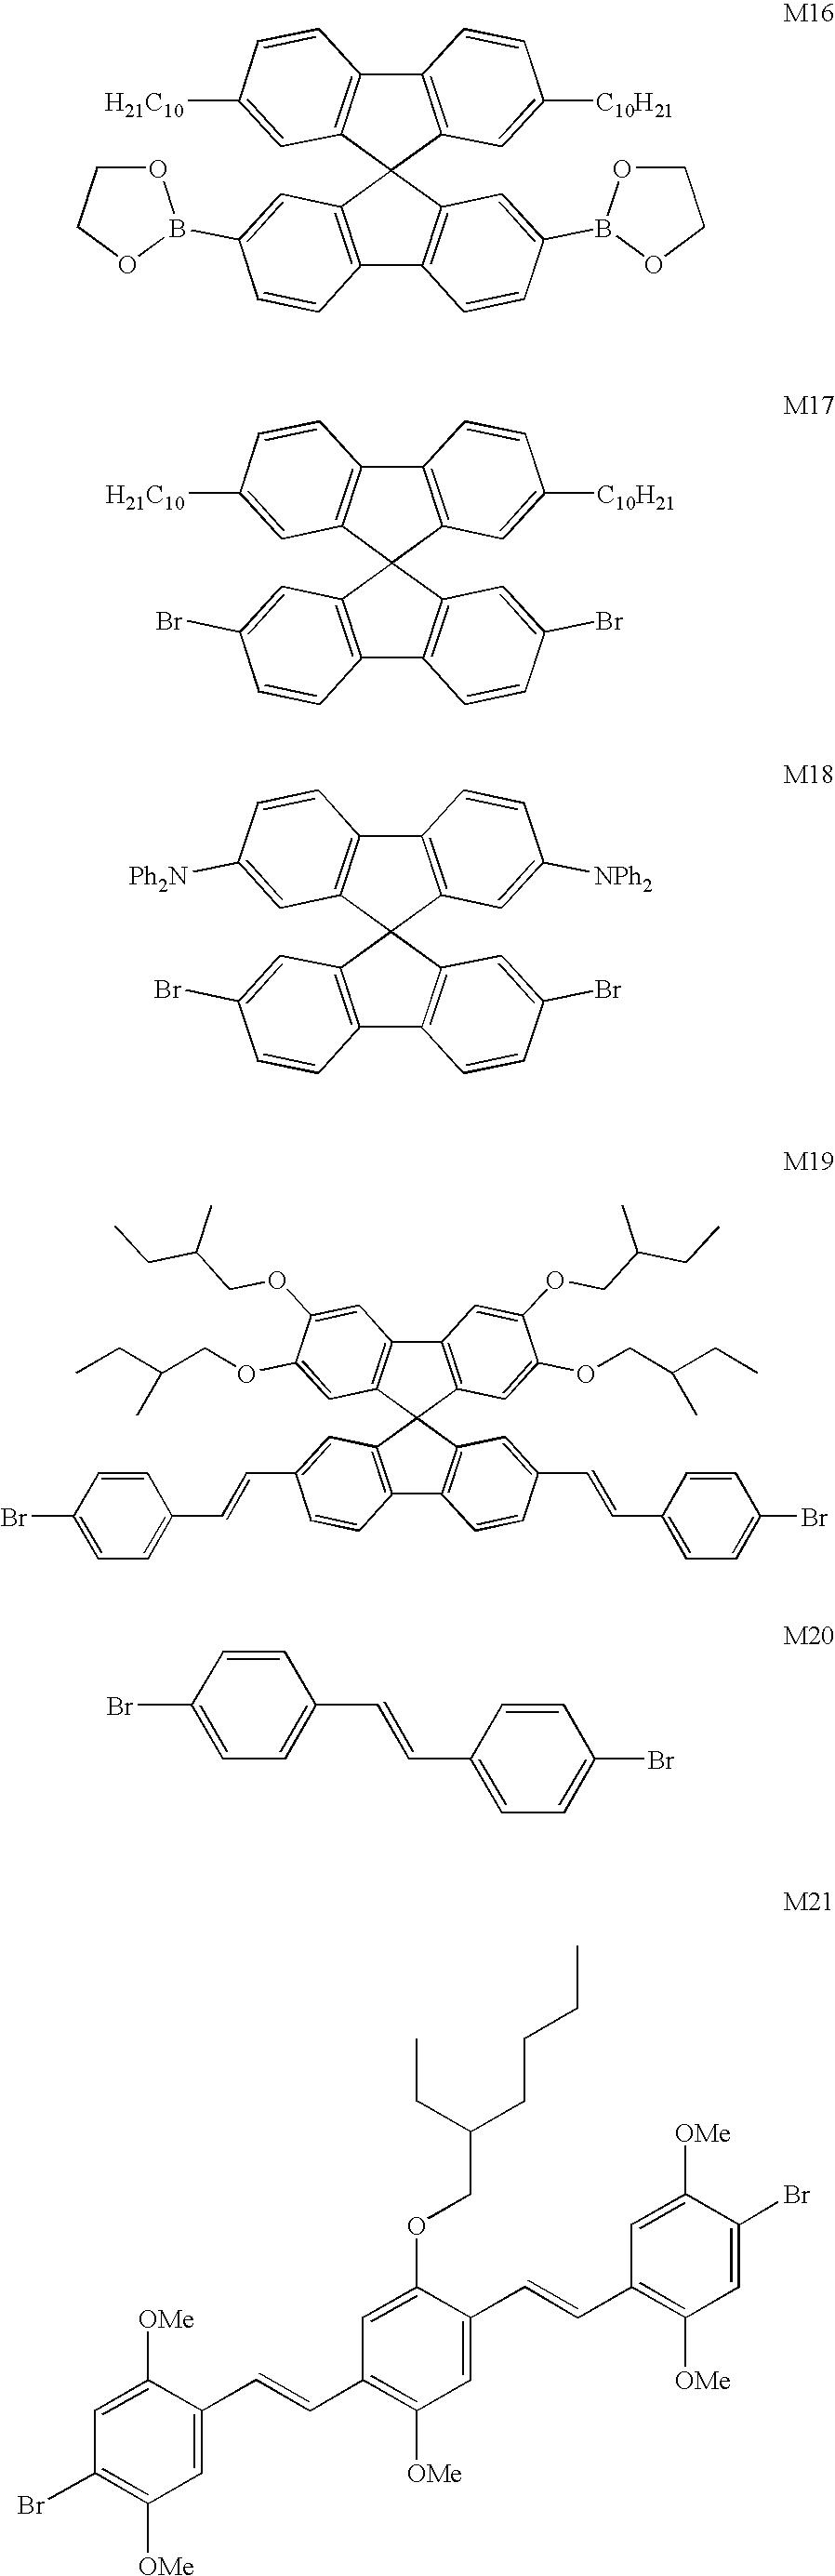 Figure US20060149022A1-20060706-C00021